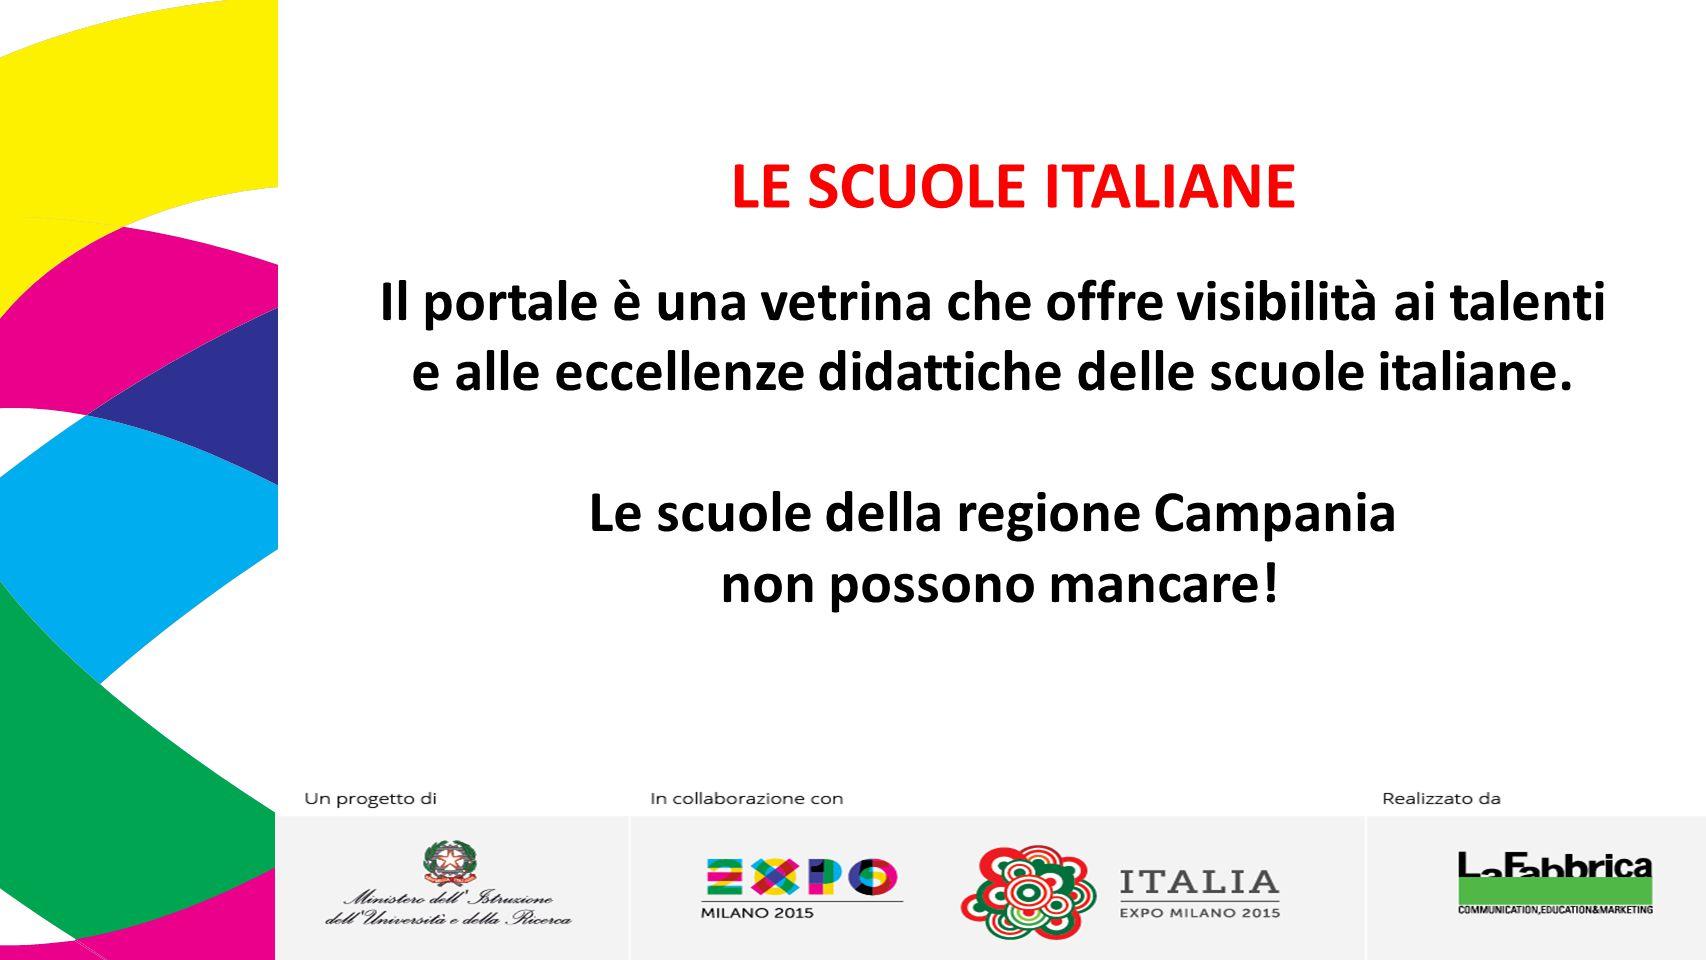 LE SCUOLE ITALIANE Il portale è una vetrina che offre visibilità ai talenti e alle eccellenze didattiche delle scuole italiane.